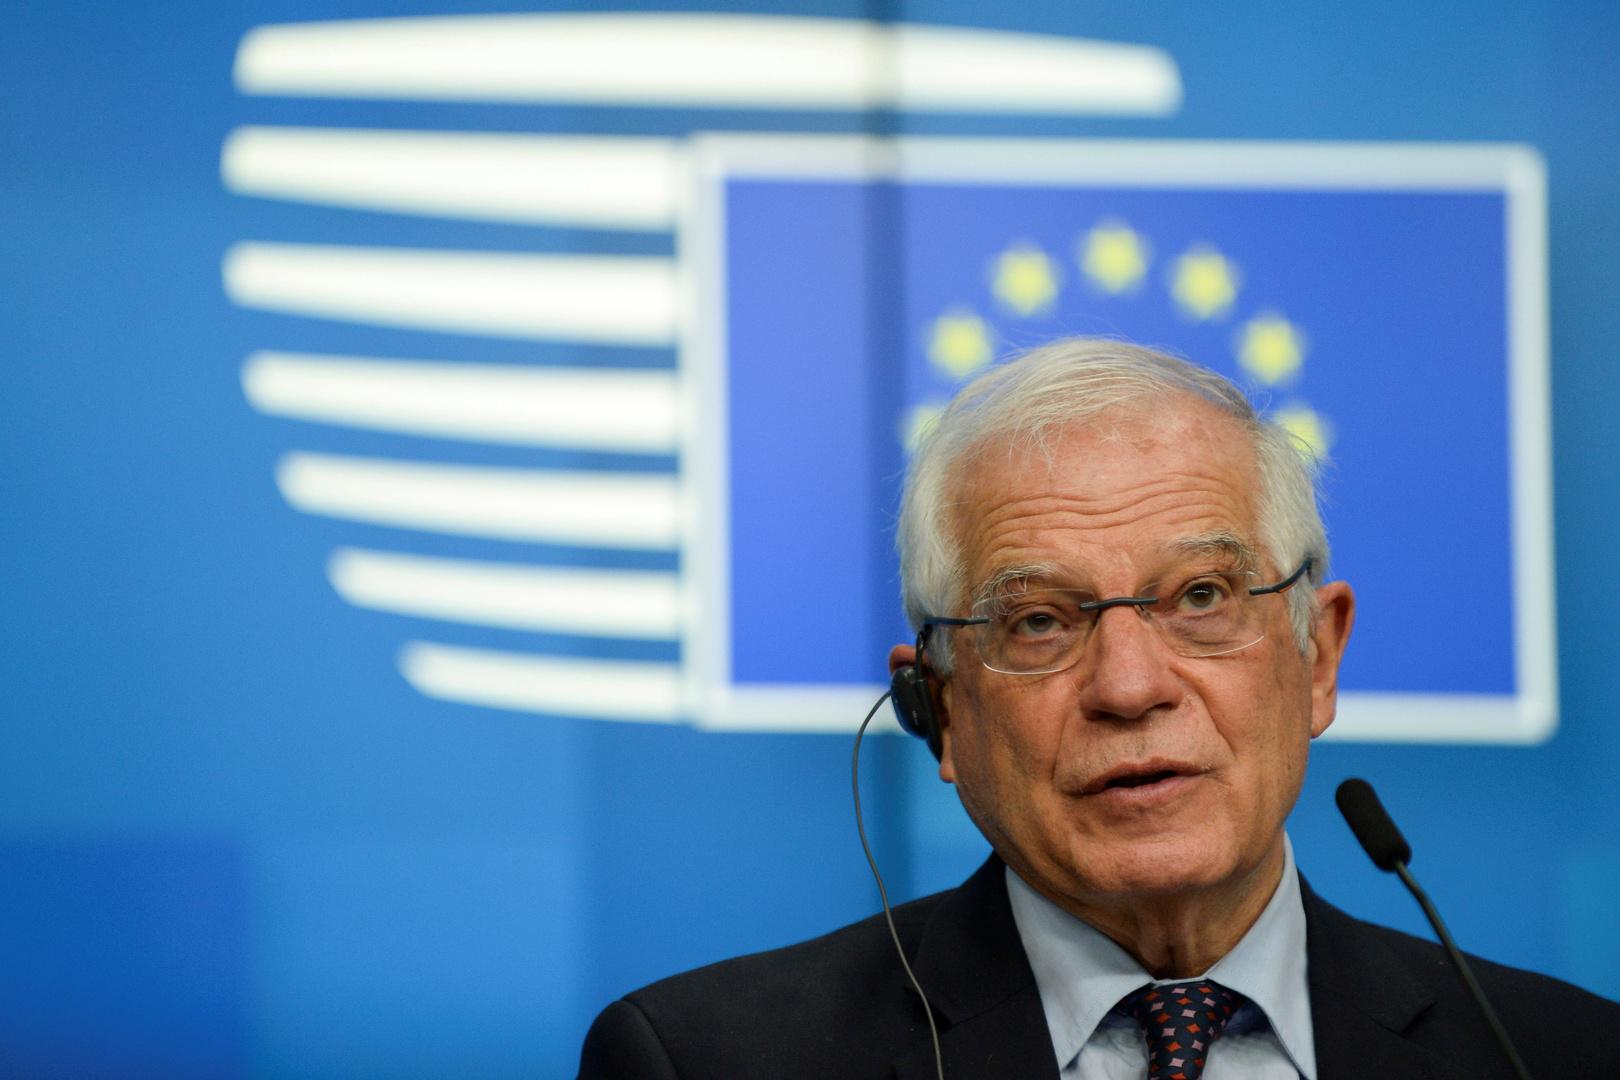 الاتحاد الأوروبي: على دمشق إدراك أهمية تنفيذ القرارات الأممية